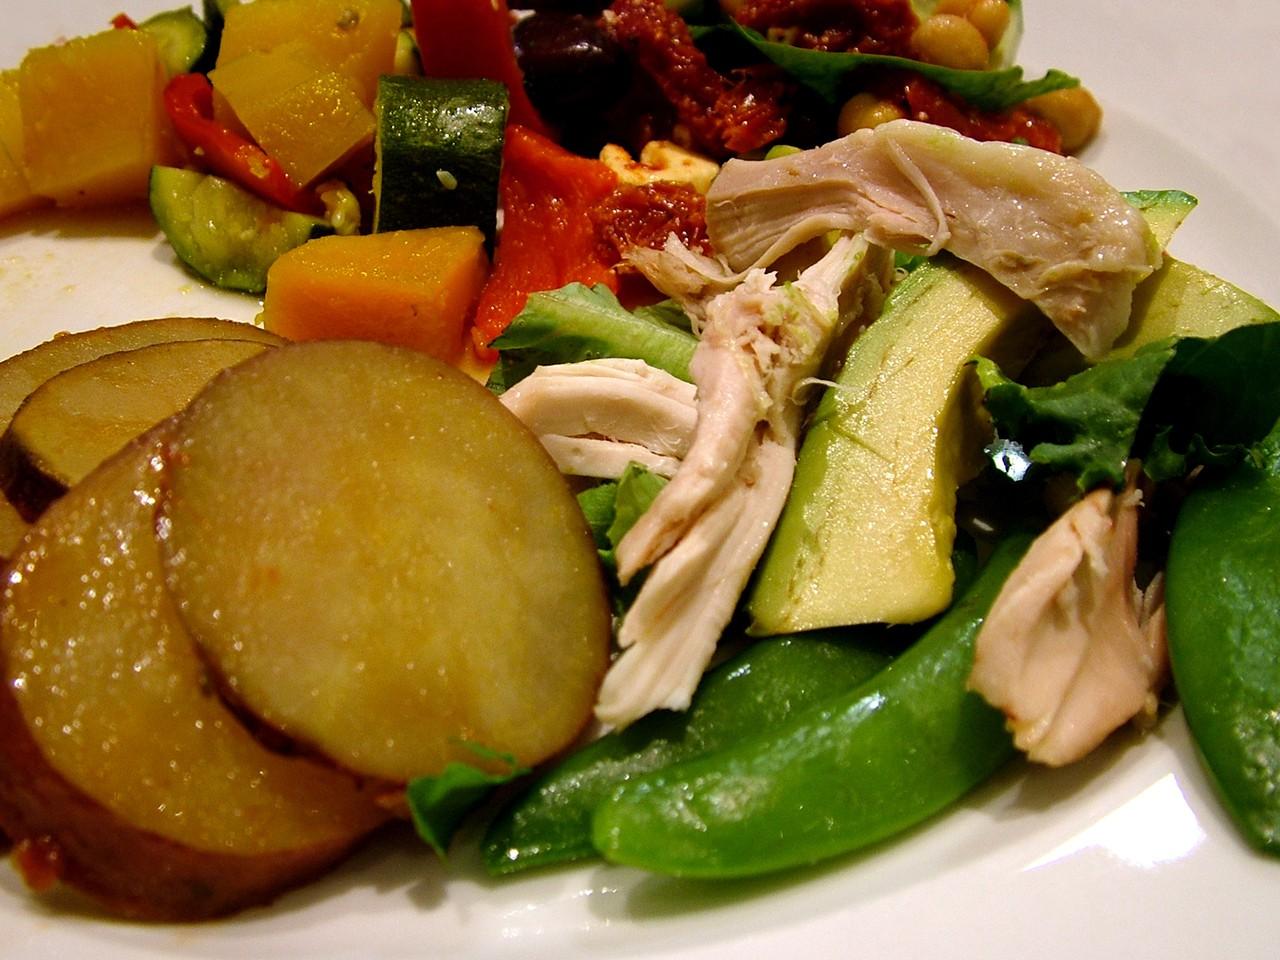 Rzodkiewki jako cenny składnik diety odchudzającej